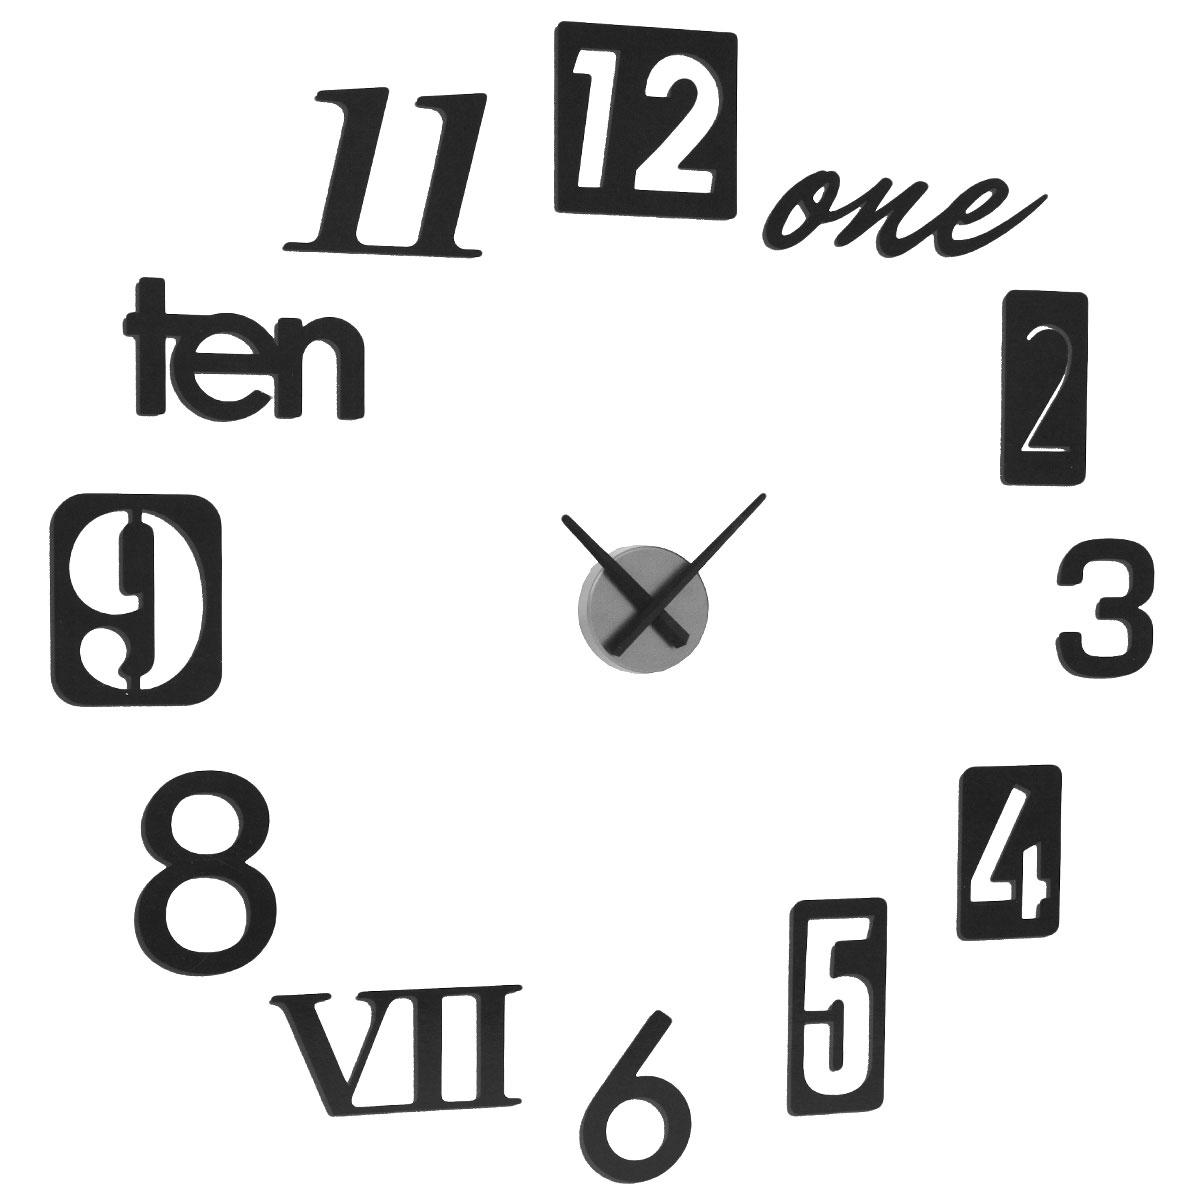 Часы настенные Umbra Numbra, цвет: черный. 118430-04043406Часы настенные Umbra Numbra своим дизайном подчеркнут стильность и оригинальность интерьера вашего дома. Корпус часов круглой формы выполнен из металла. Часы имеют две стрелки - часовую, минутную. В комплекте с часамиимеется 12 металлических цифр, слов, позволяющие создать аппликацию вокруг циферблата. Цифры можно располагать по стене в произвольном порядке, или в порядке, указанном в инструкции.Такие часы послужат отличным подарком для ценителя ярких и необычных вещей. Характеристики:Материал: пластик, металл. Диаметр часов: 9,5 см. Диаметр аппликации: 55 см. Размер упаковки: 32 см х 33 см х 6 см. Изготовитель: Китай. Артикул: 118430-040. Рекомендуется докупить батарейку типа АА (в комплект не входит).